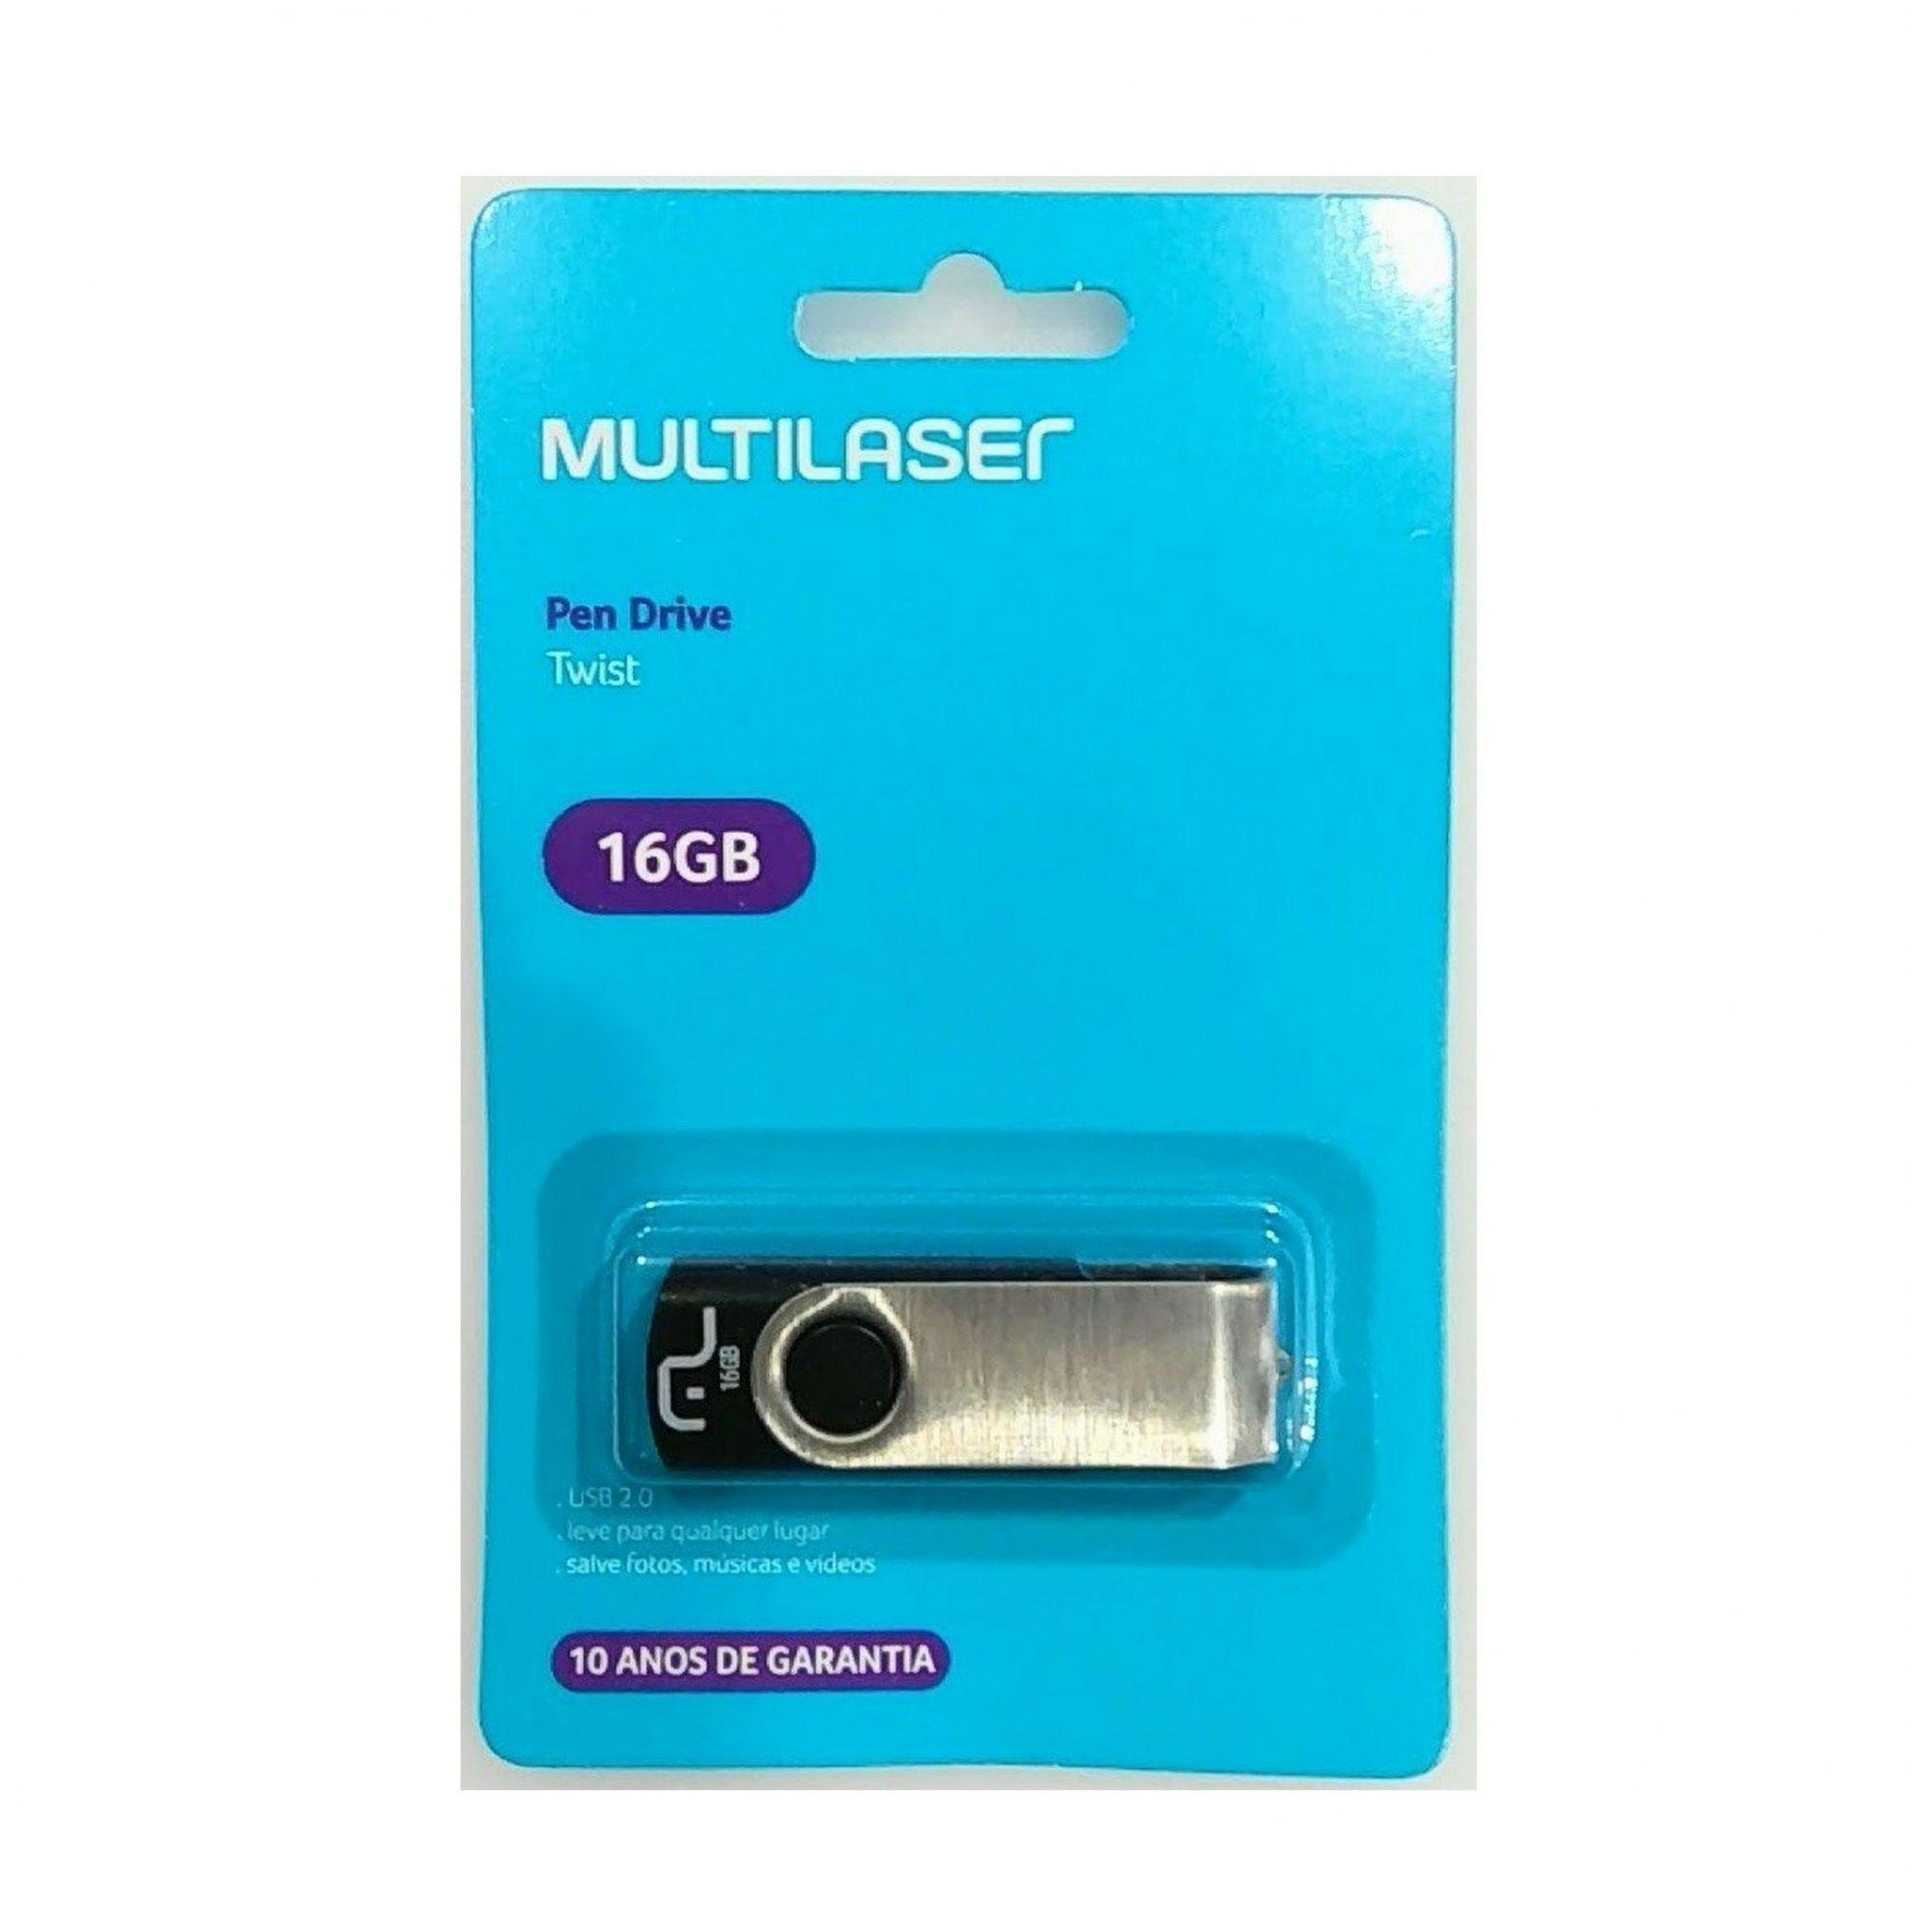 Pen Drive Twist 16gb Multilaser PD588